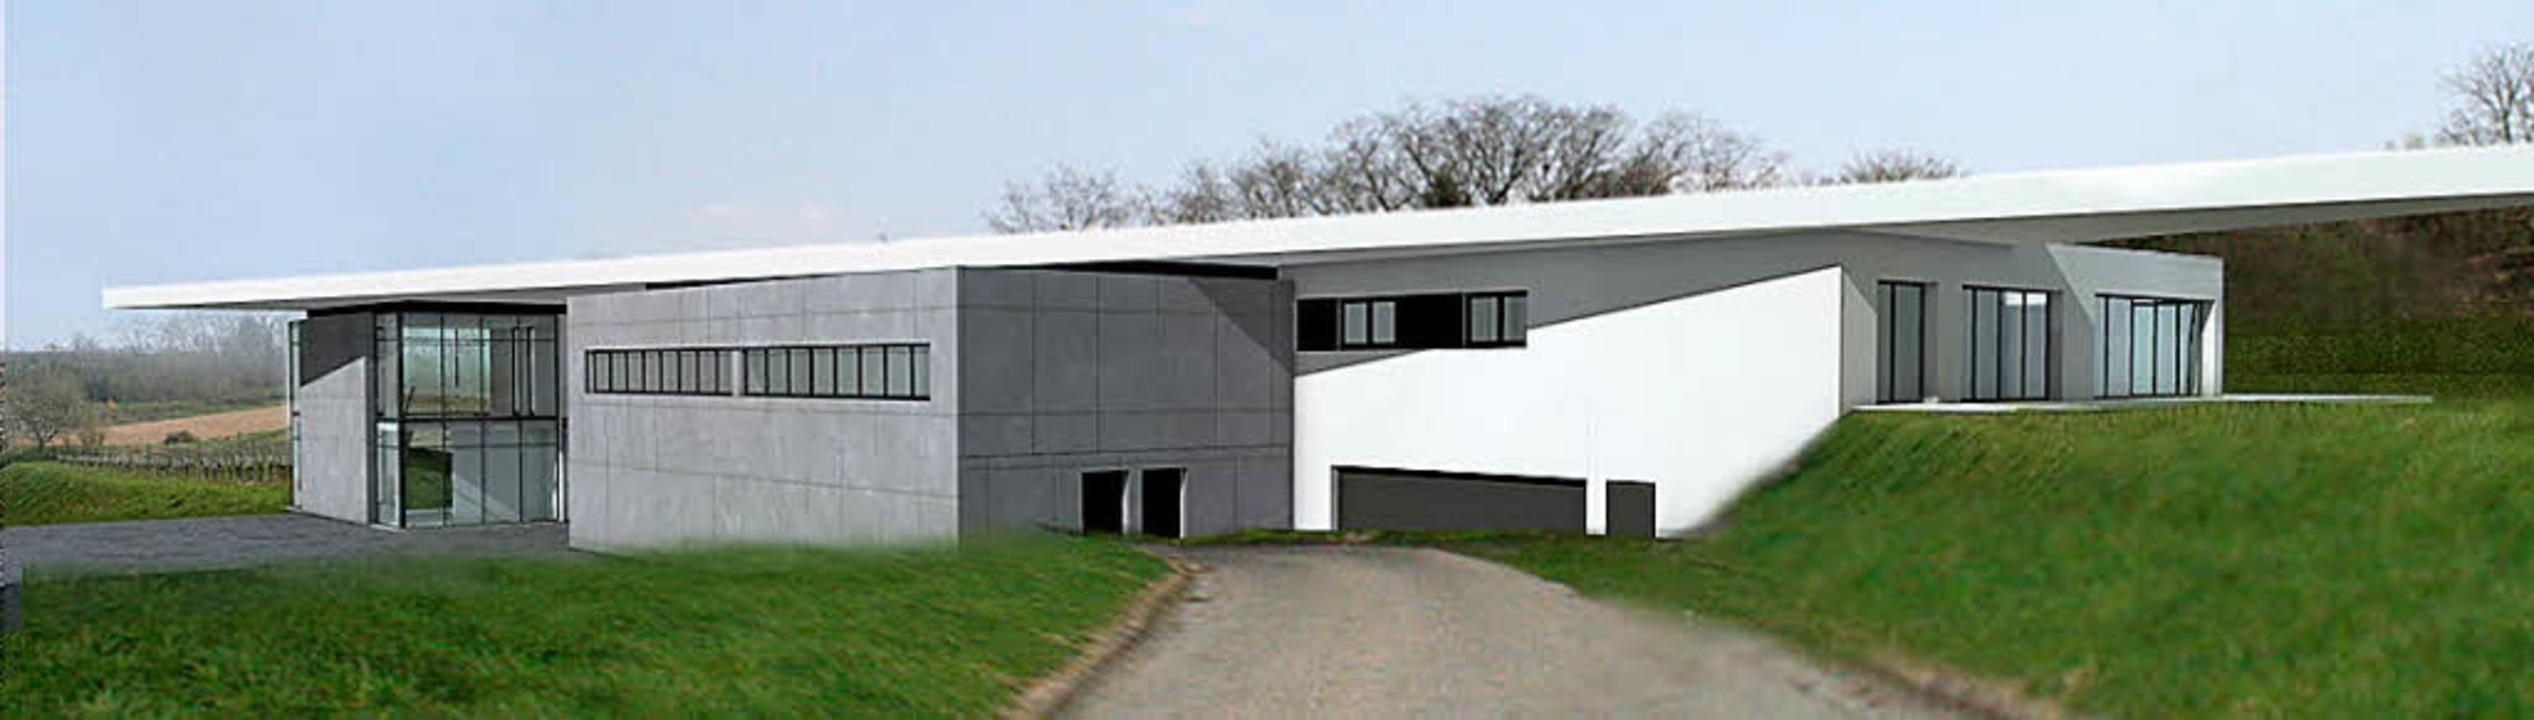 symbiose von wein und architektur ettenheim badische